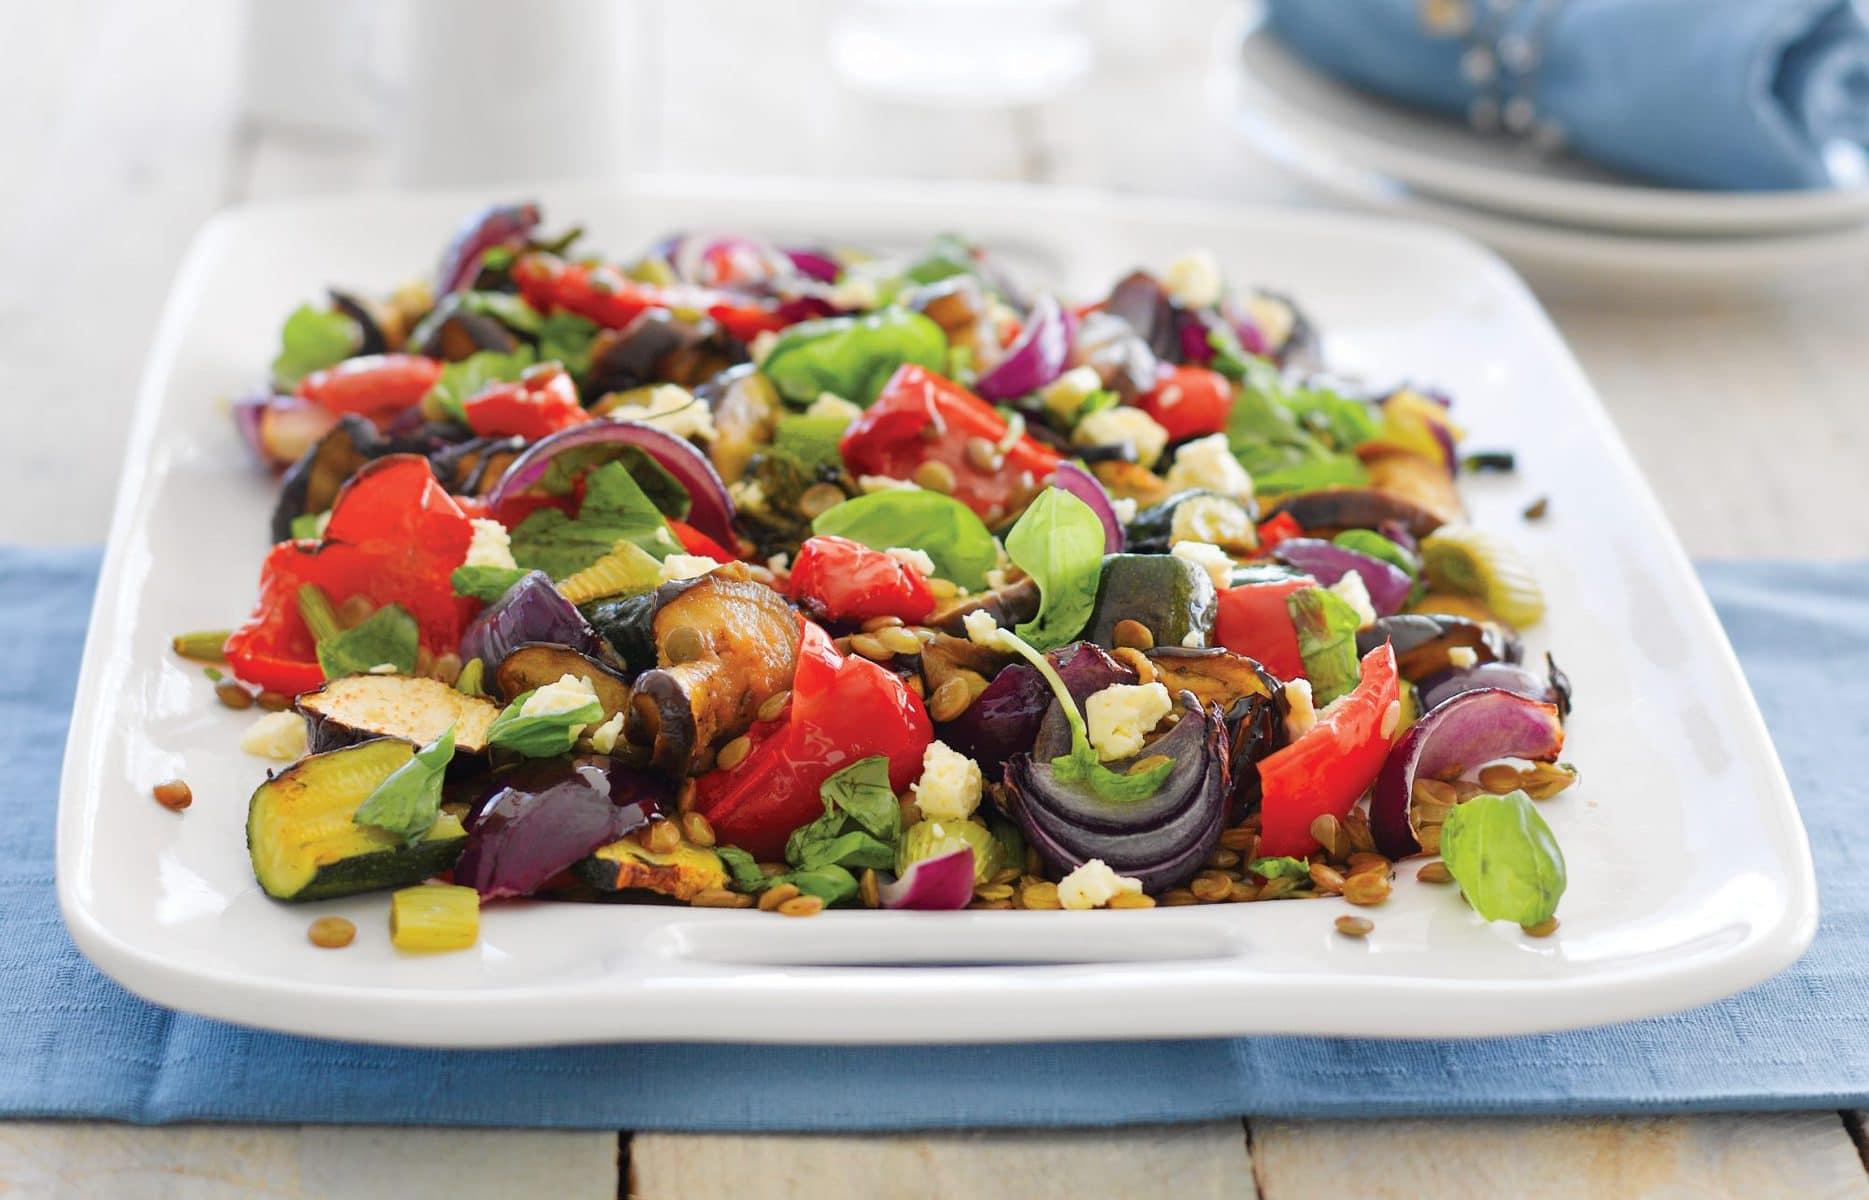 Roast vege and lentil salad